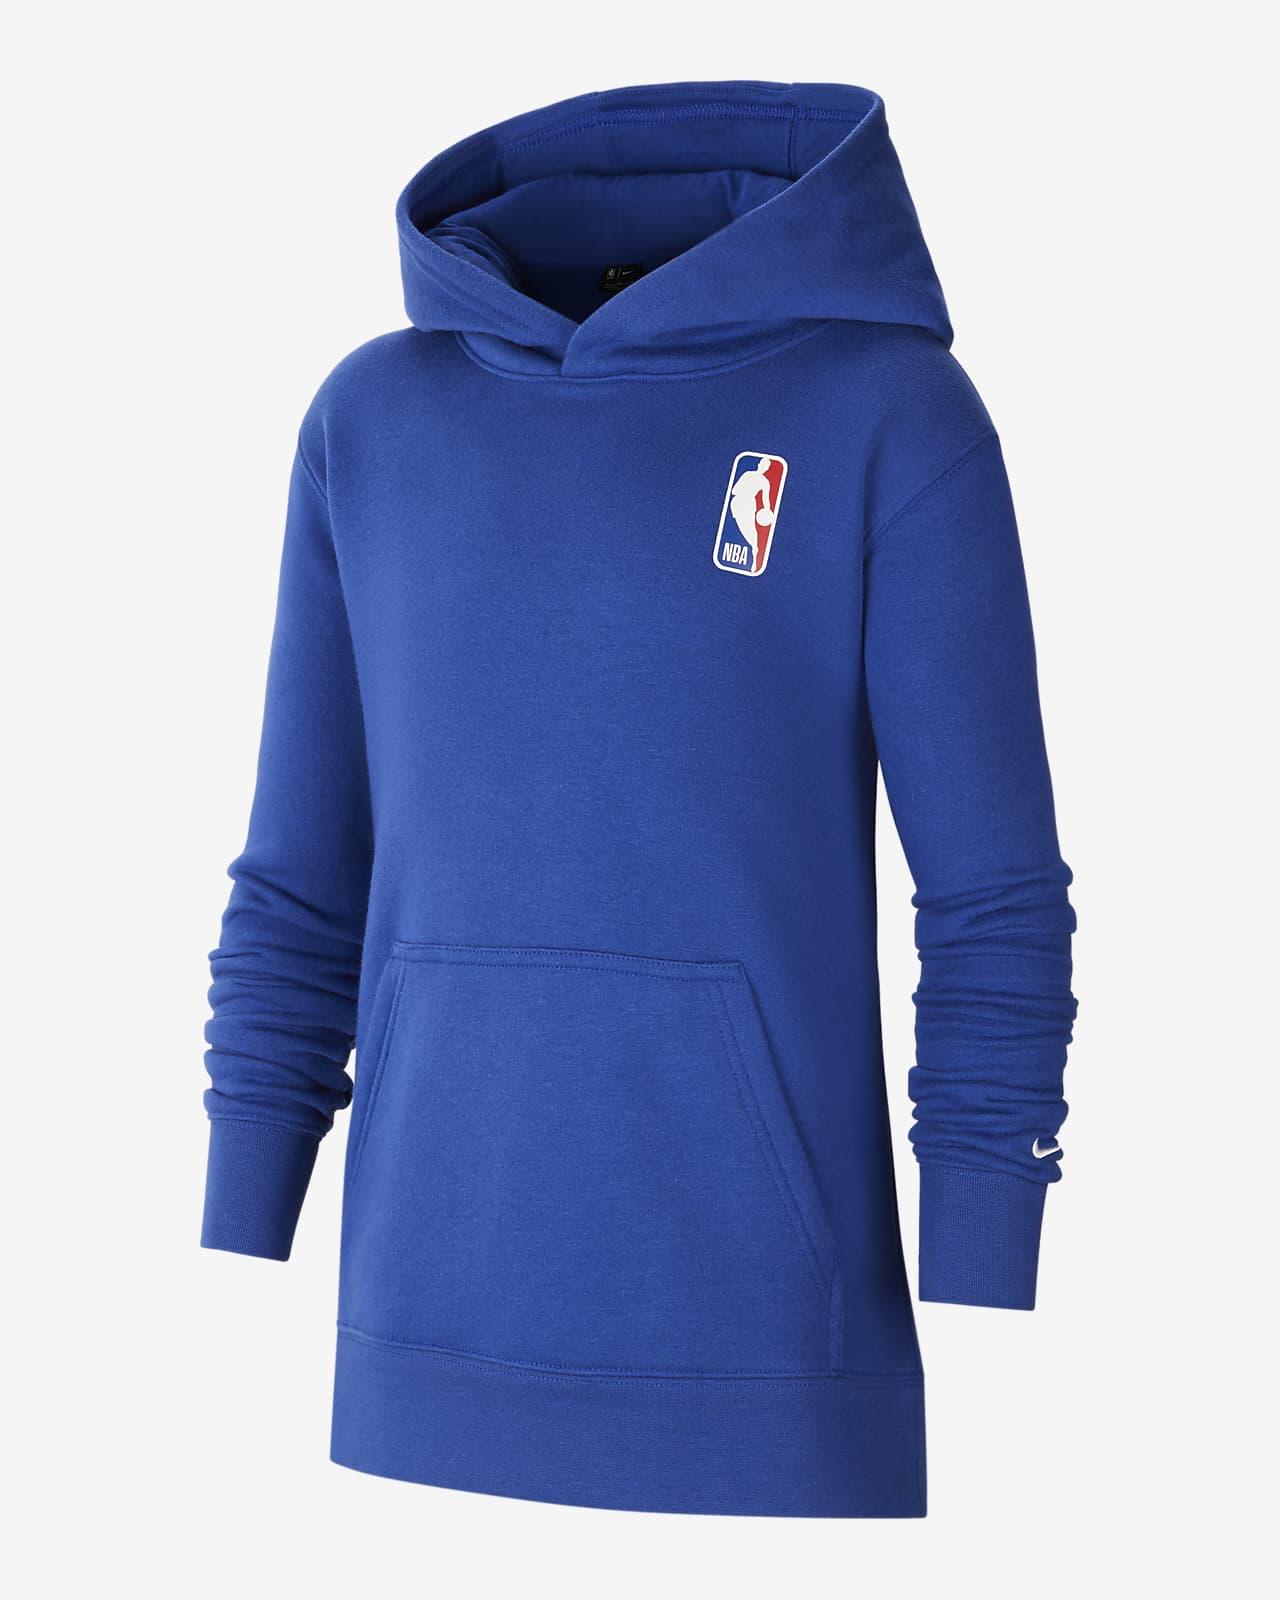 Team 31 Essential Older Kids' (Boys') Nike NBA Pullover Hoodie